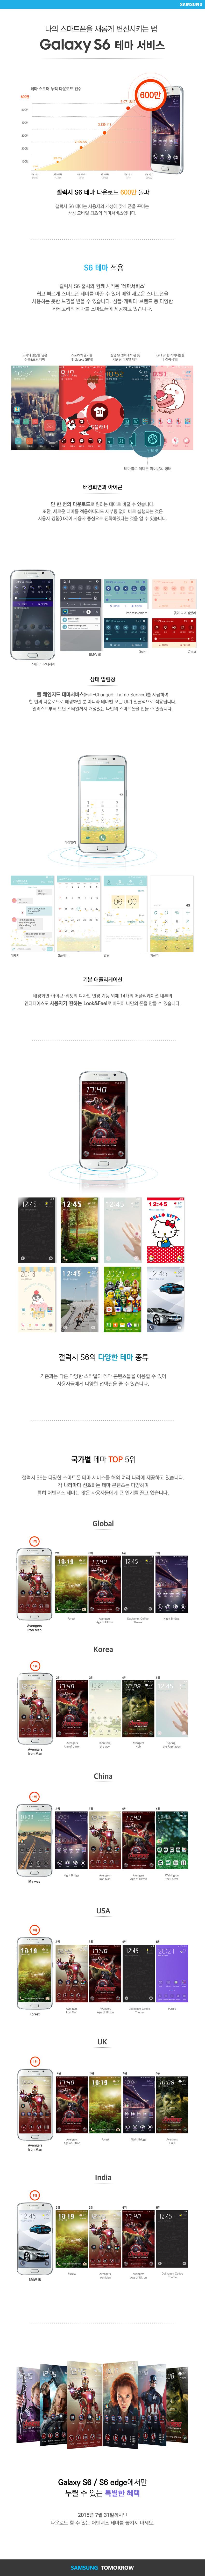 갤럭시 S6 테마서비스 나의 스마트폰을 새롭게 변신 시키는 법. 테마 스토어 누적 다운로드 건수 600만